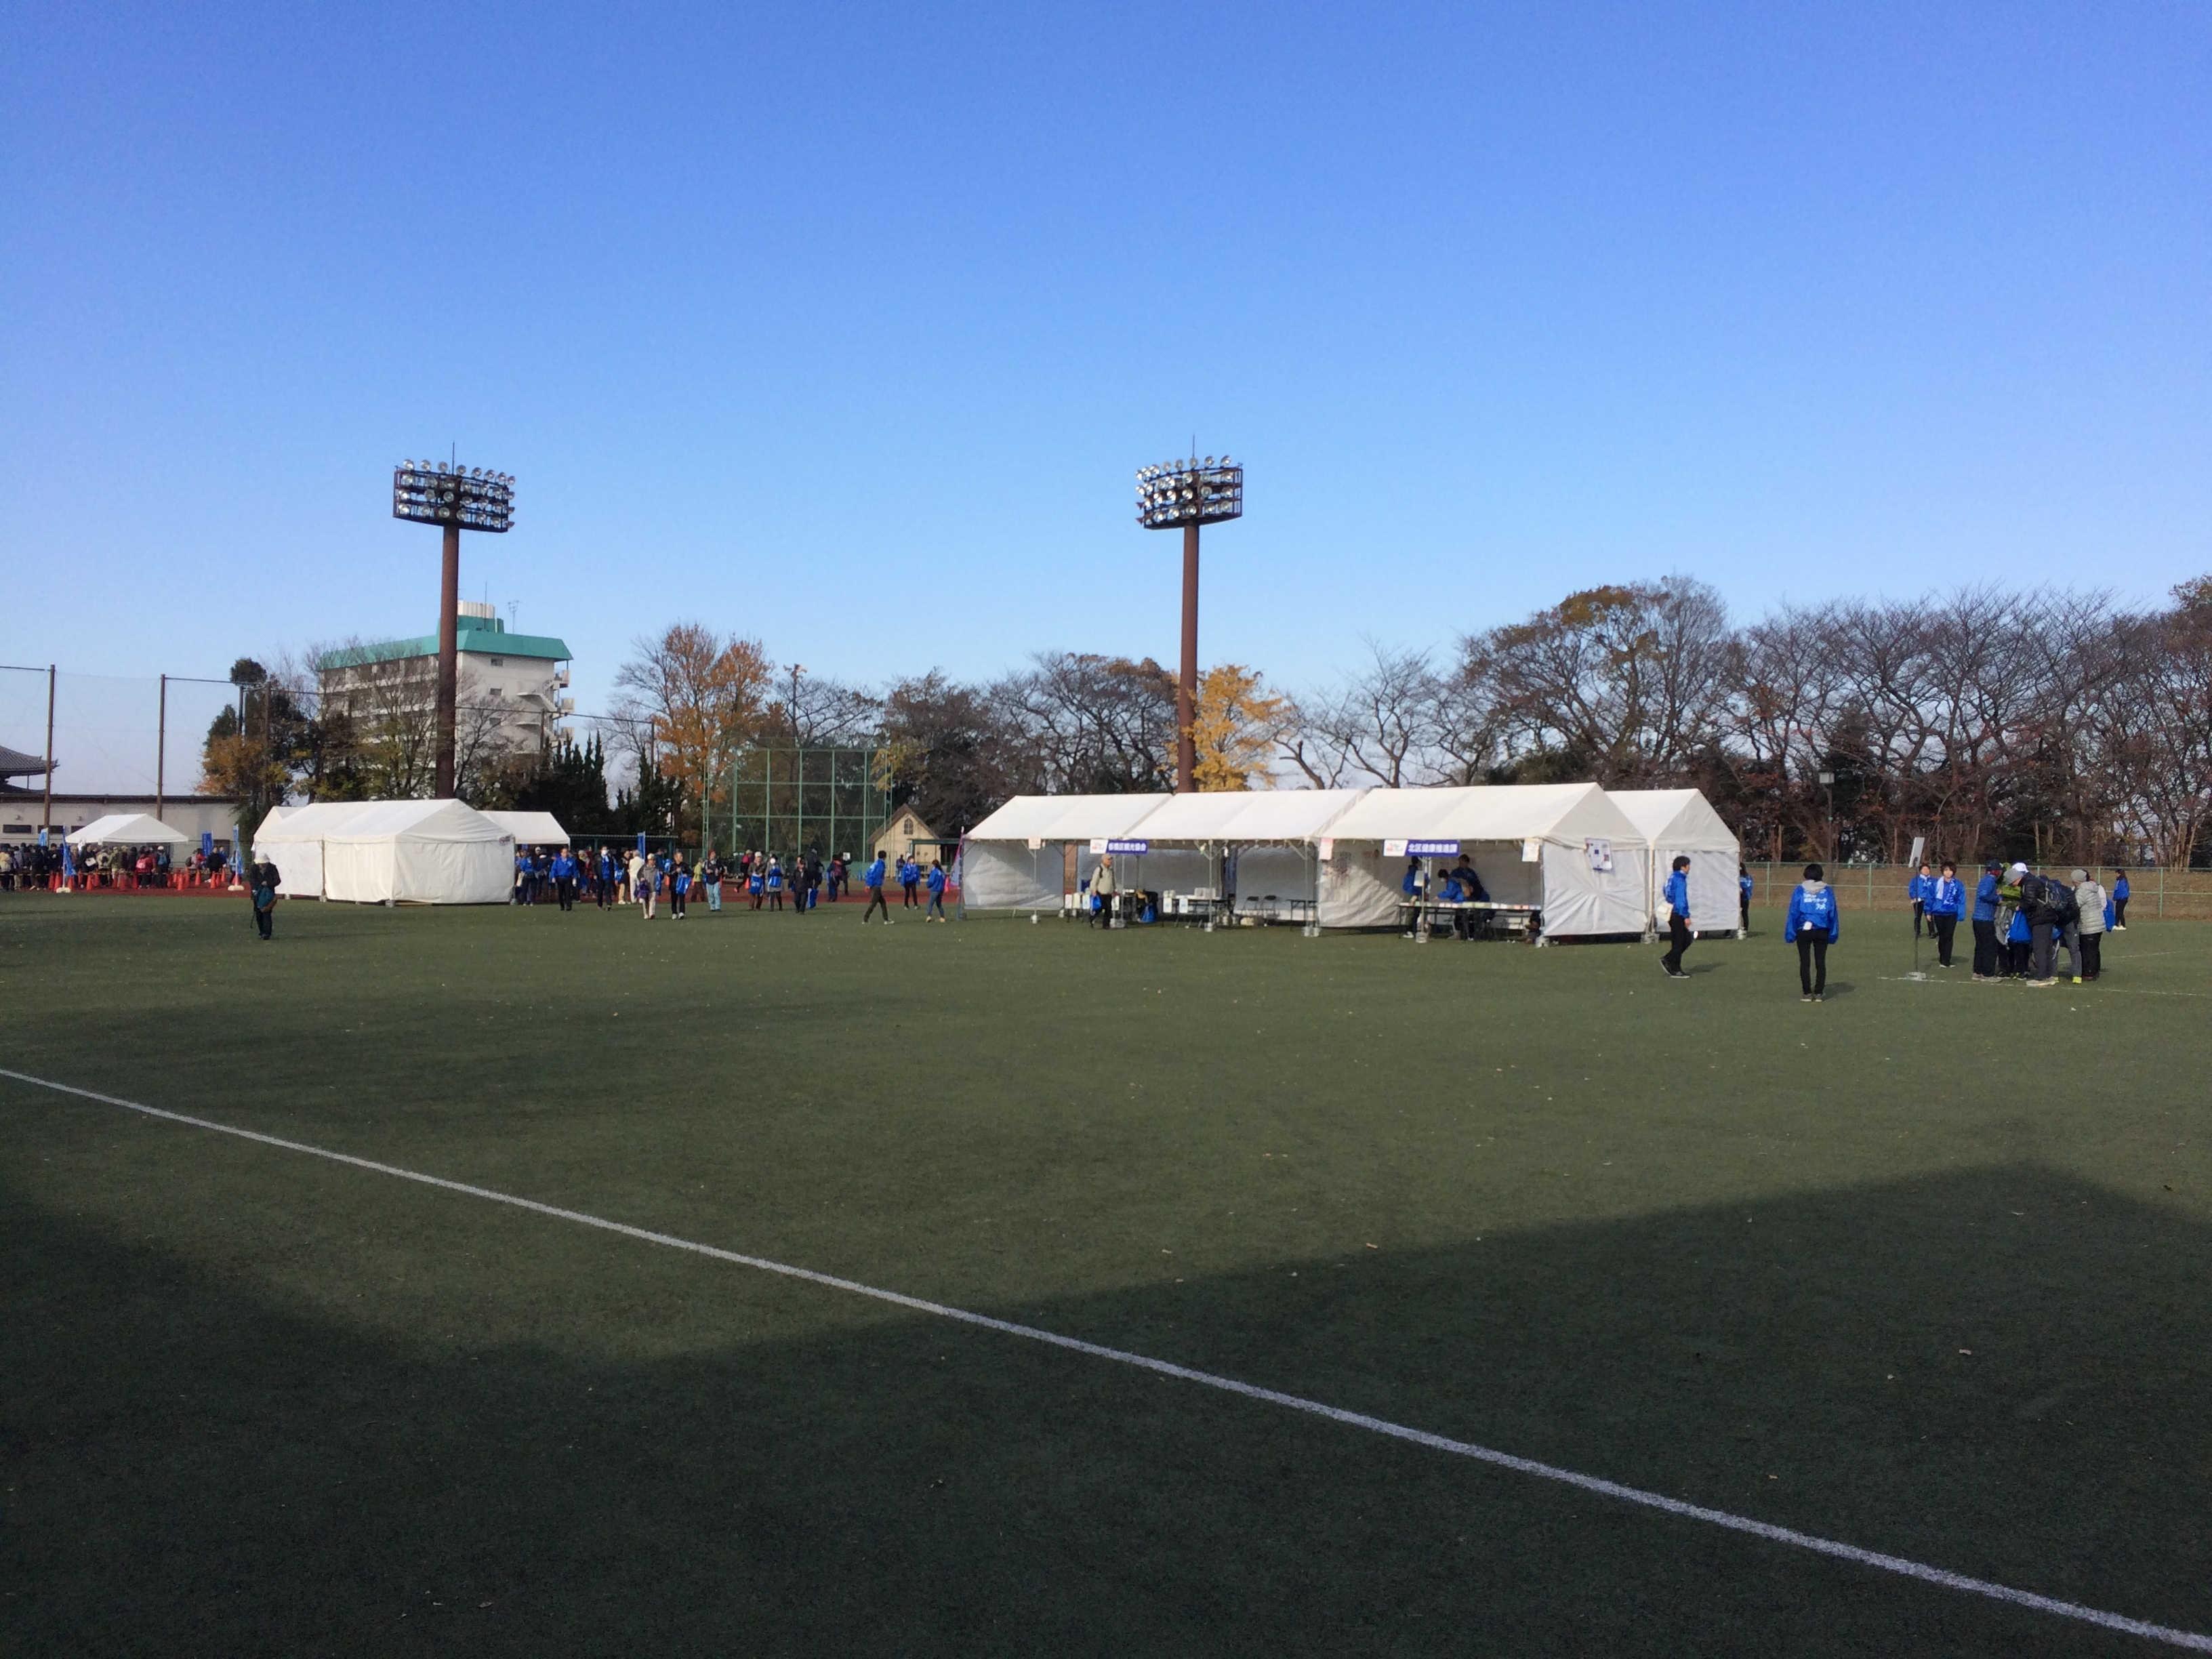 板橋区立小豆沢野球場(スタート)